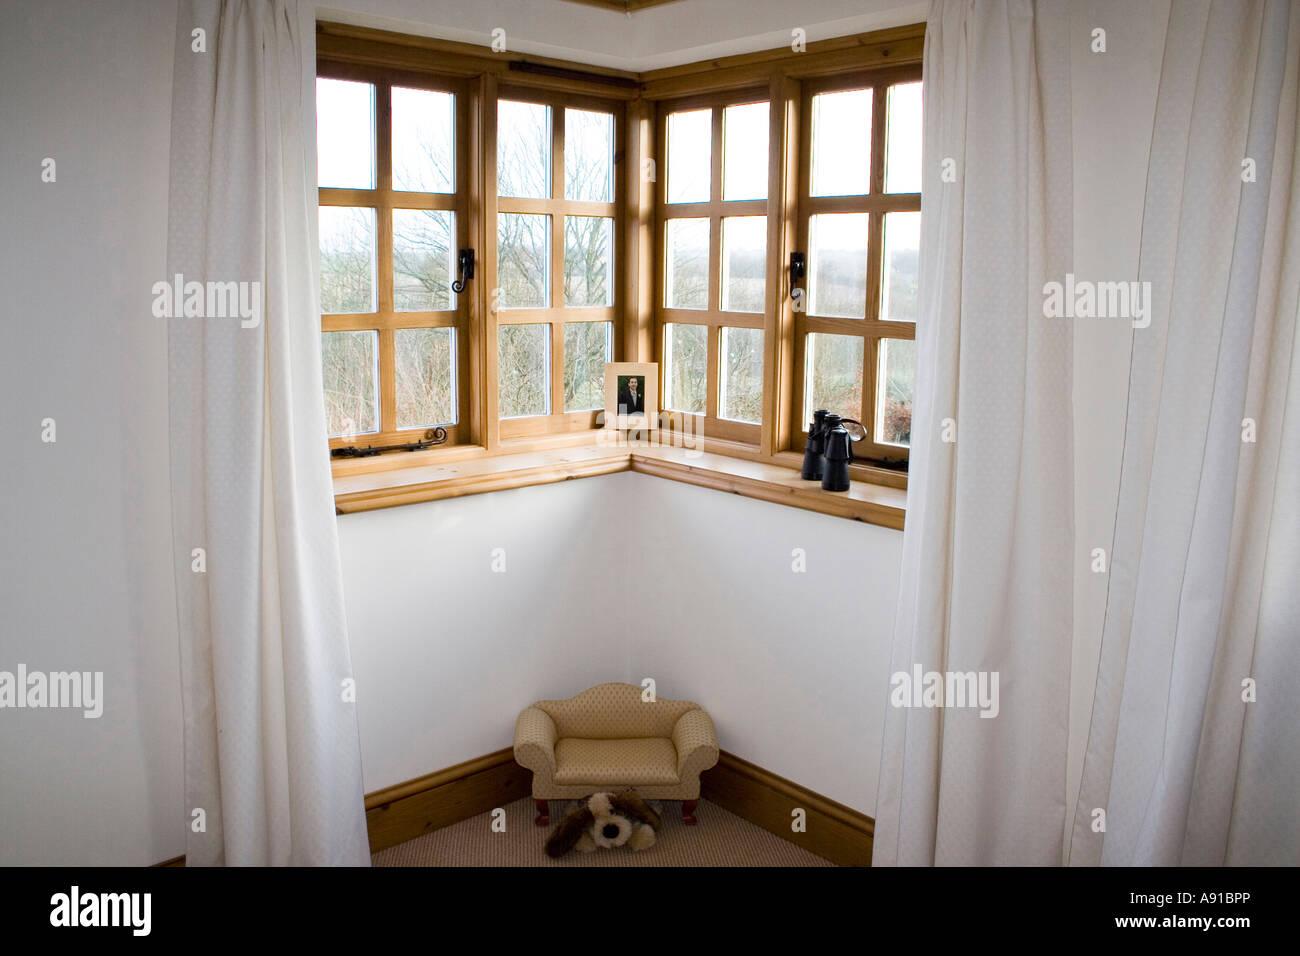 Ein Eckfenster Mit Holzrahmen Und Lange Weiße Vorhänge Oder Vorhänge